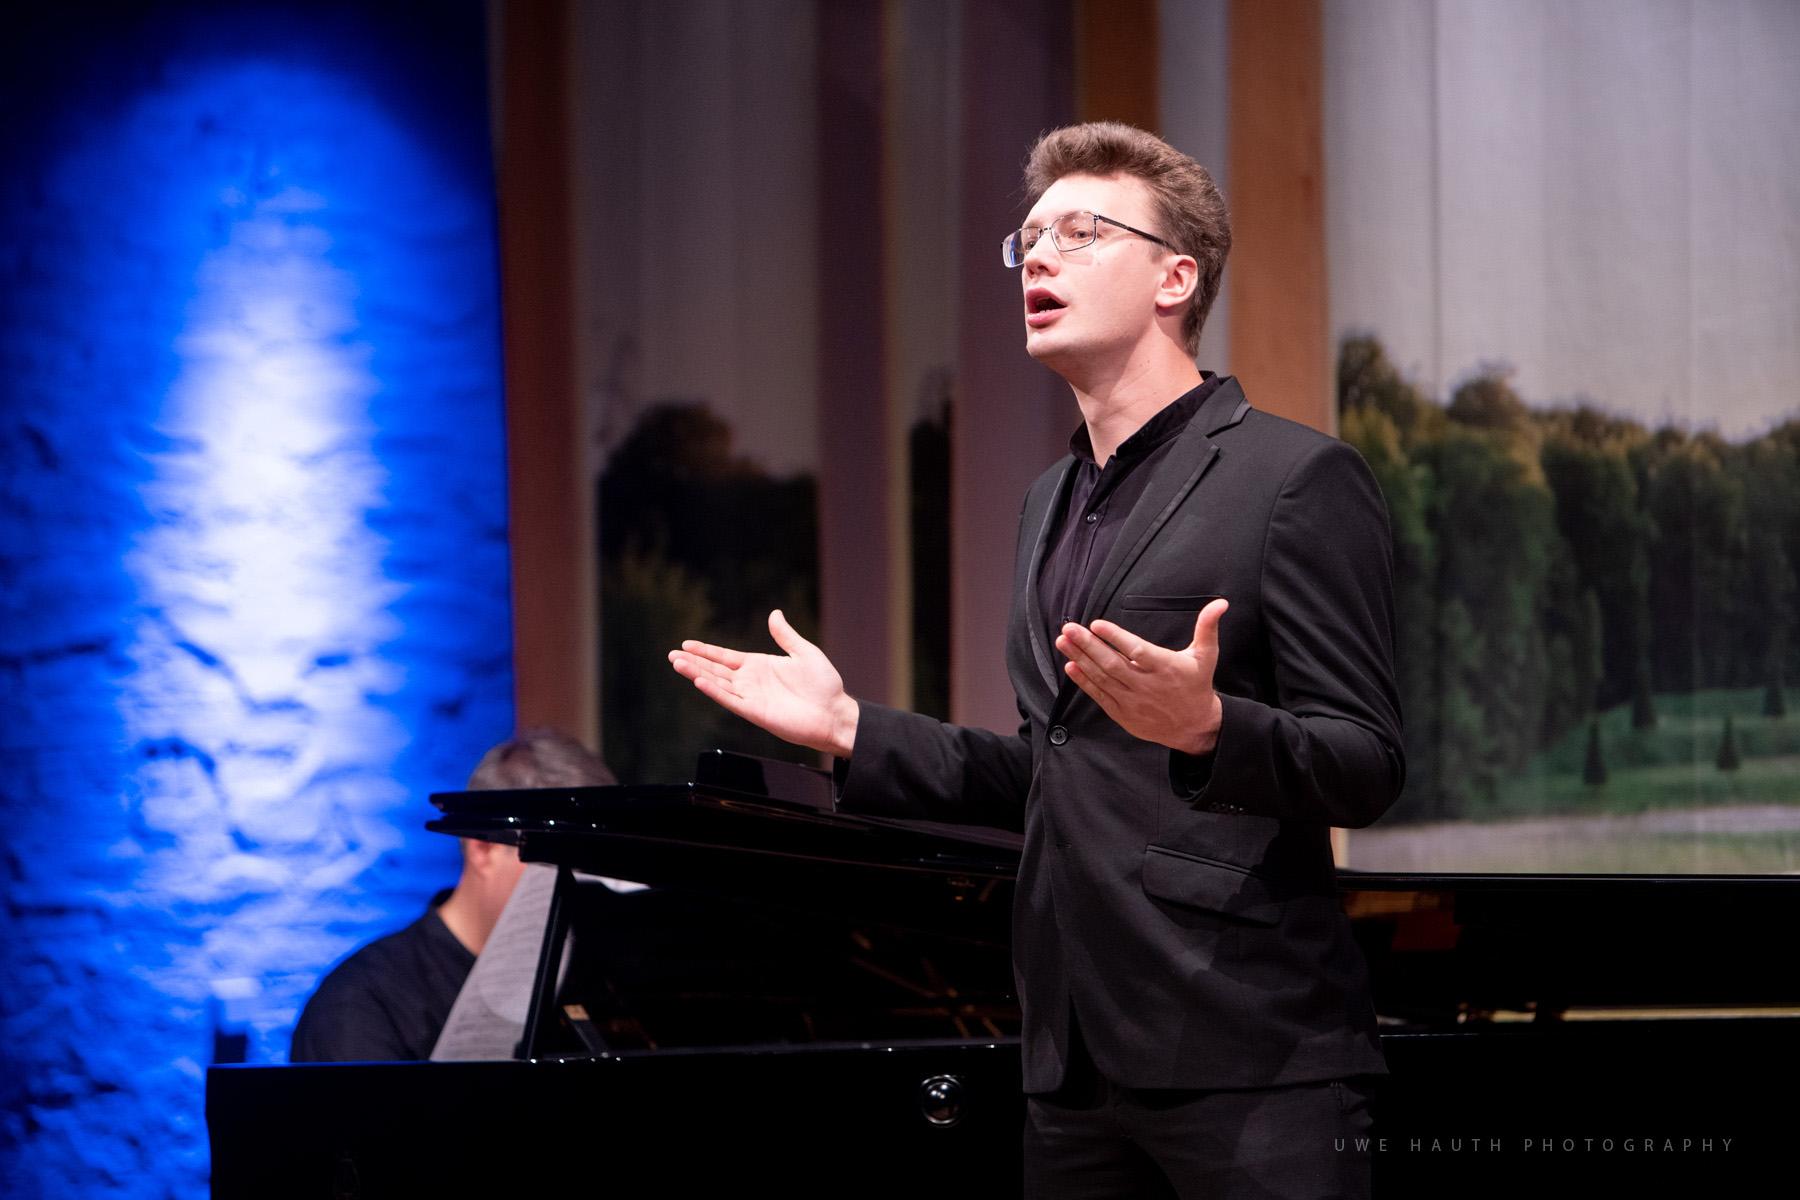 Sänger der Kammeroper beim Auftritt im Schlosstheater